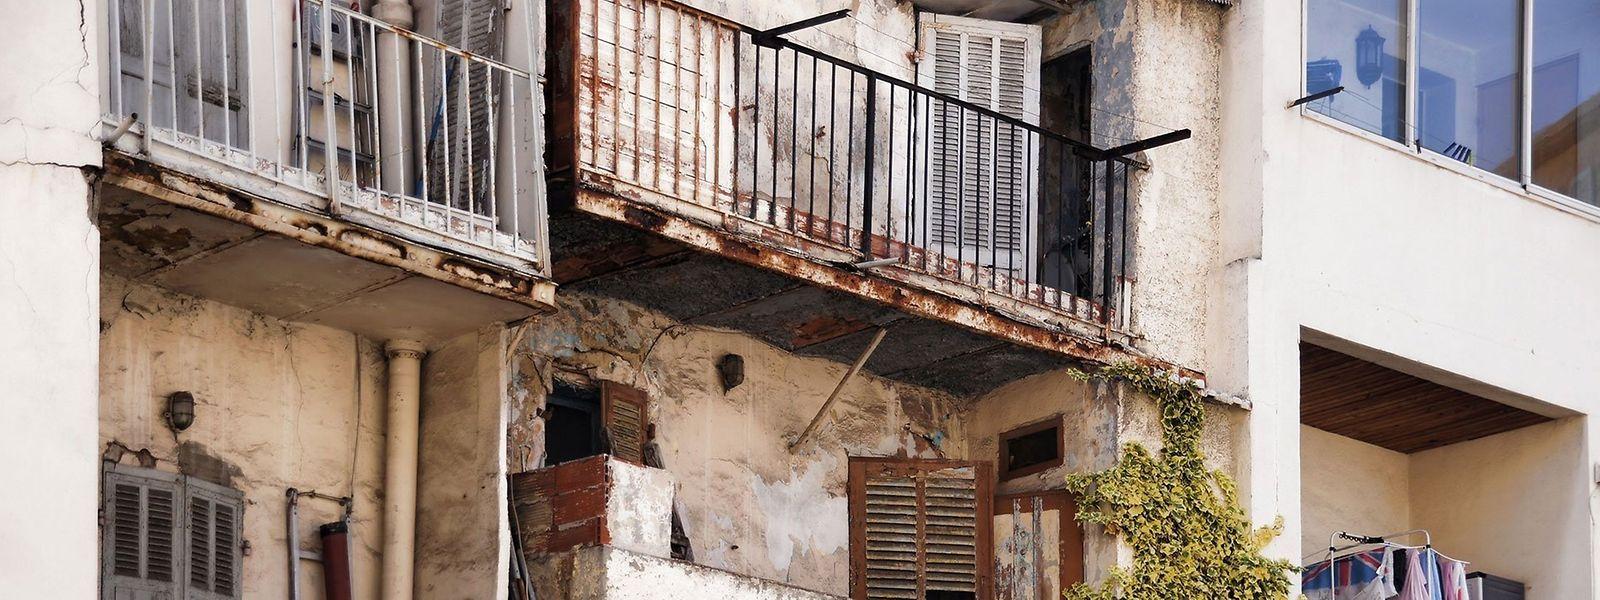 En cas d'infraction concernant la salubrité, l'hygiène, la sécurité et l'habitabilité du logement, «le cumul des sanctions pénales et administratives se révèle interdit», affirme le Conseil d'Etat